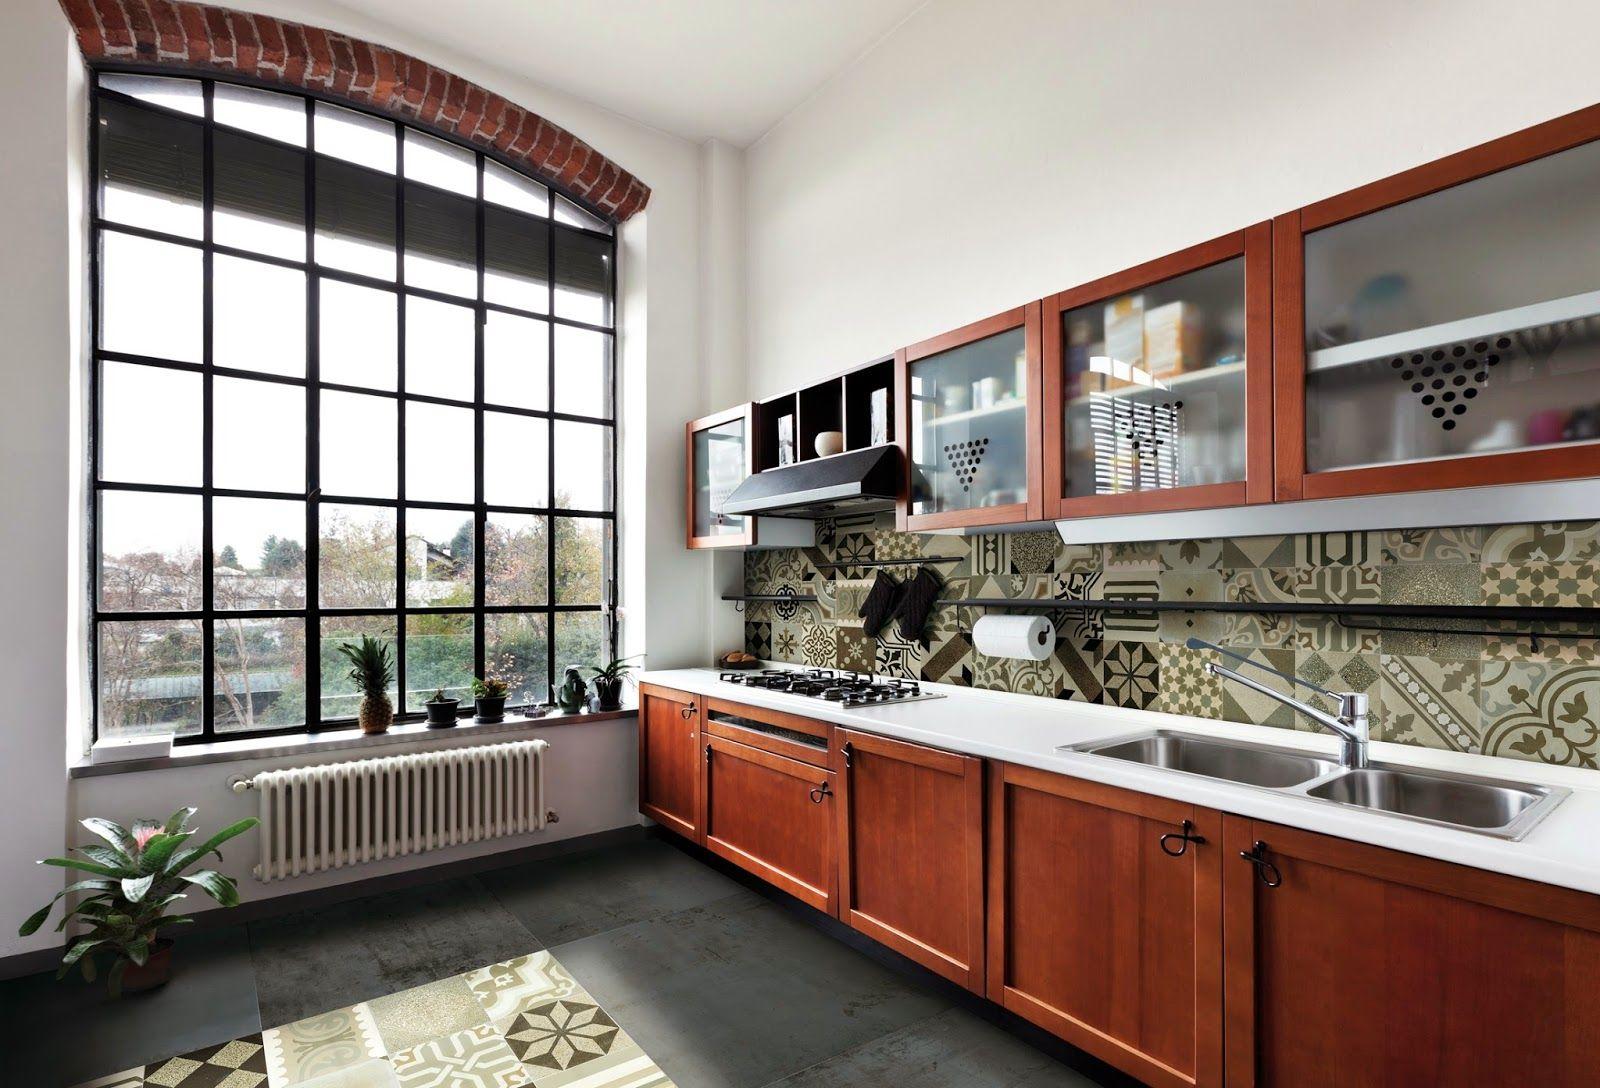 Mosaicos hidráulicos dispuestos en pared y piso de cocina | Ideas de ...